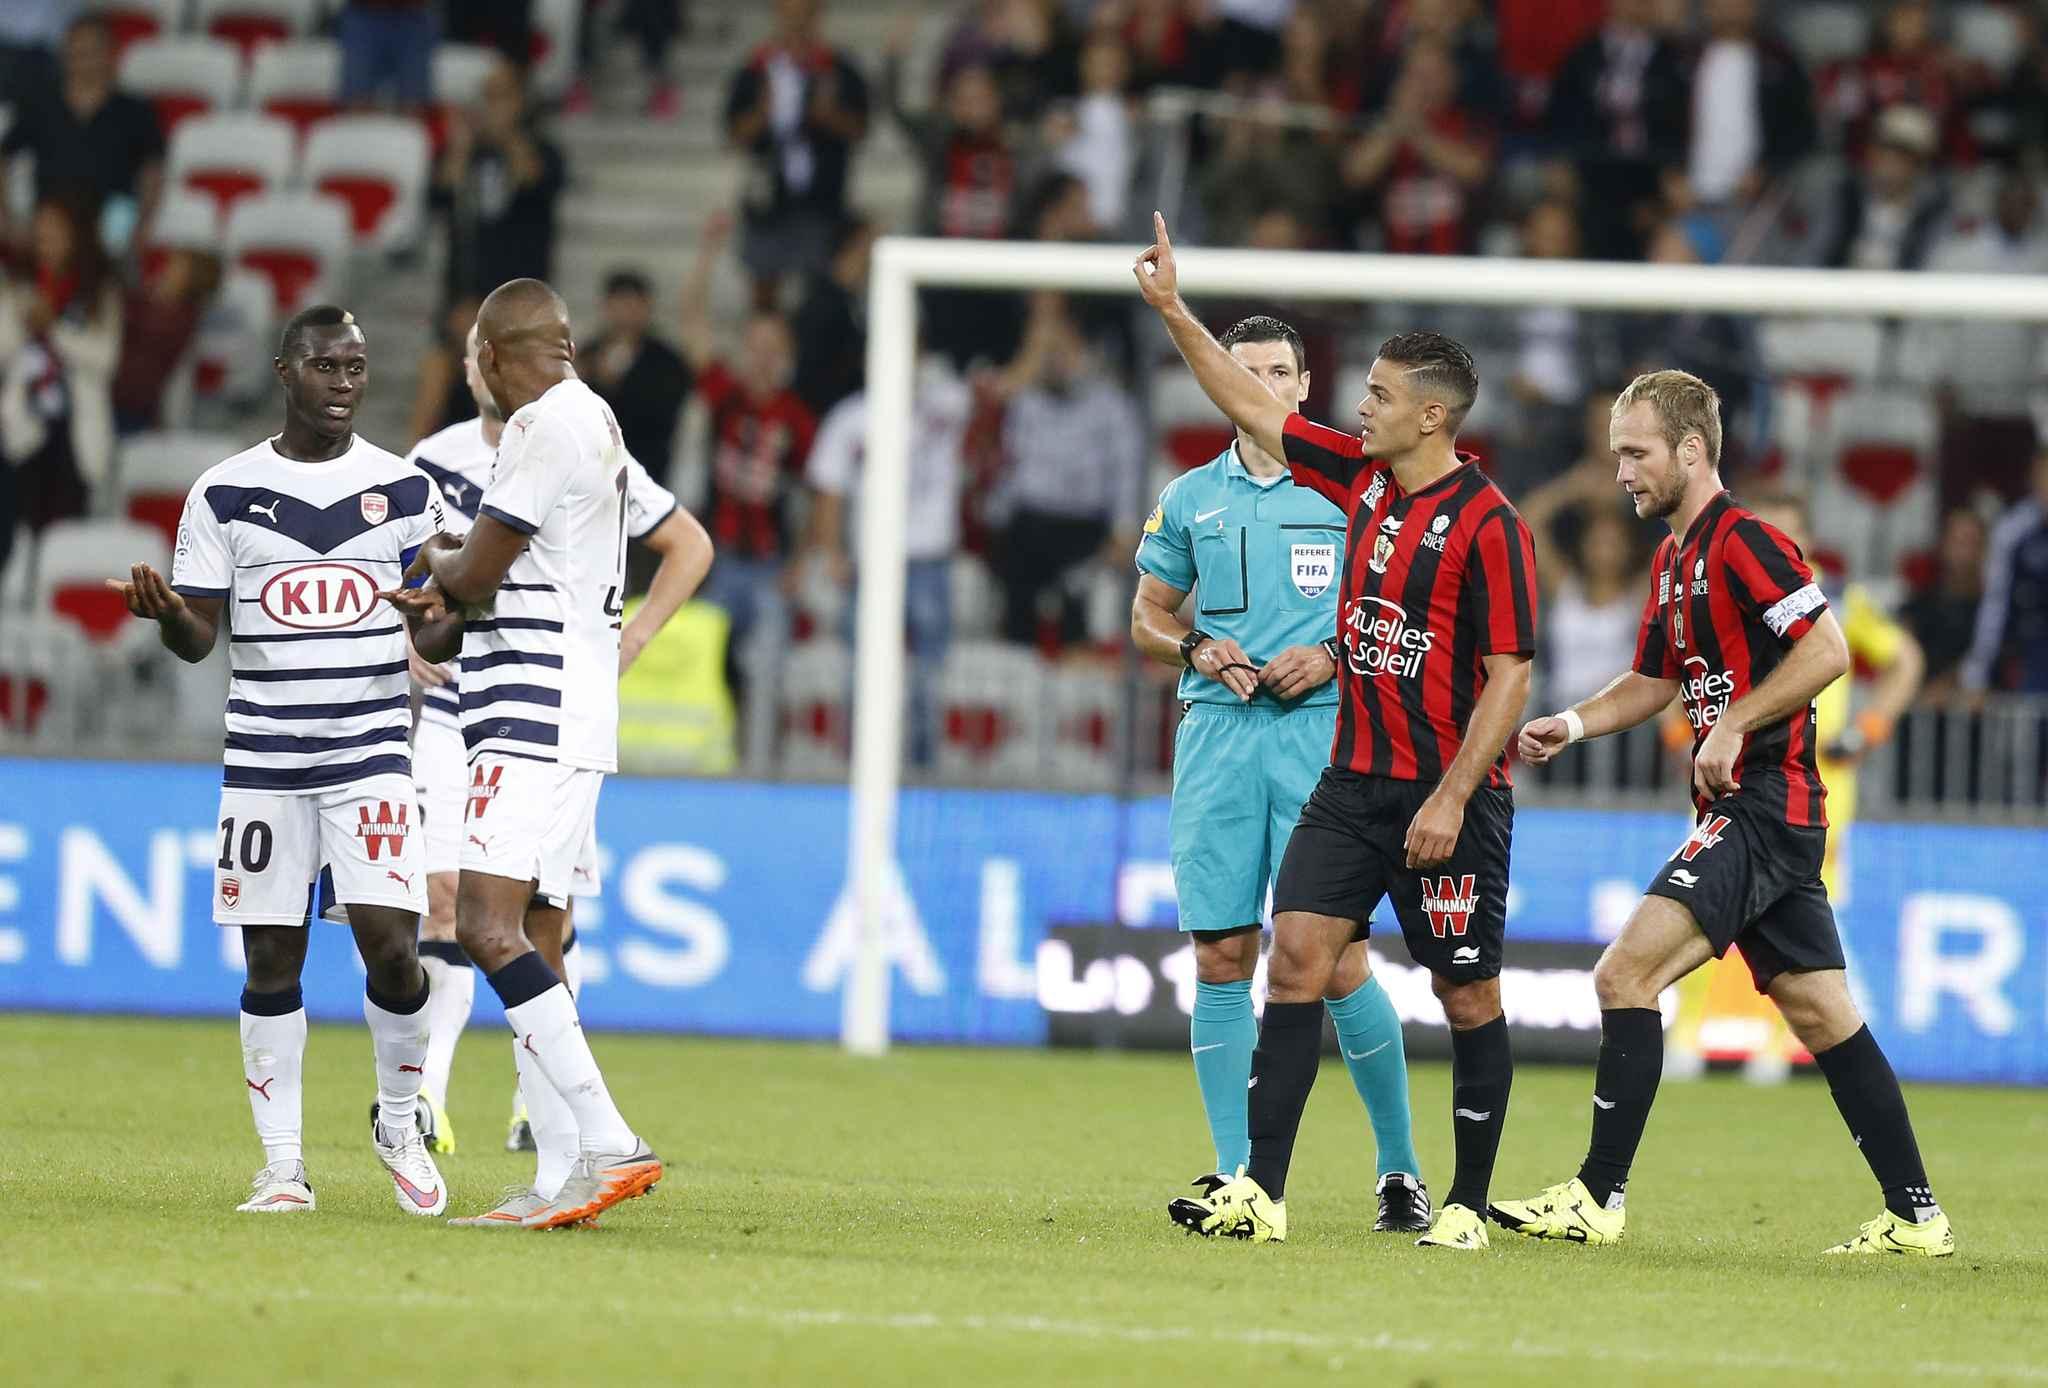 Pourquoi le FCGB a-t-il encore une chance de gagner sur tapis vert le match à Nice ?